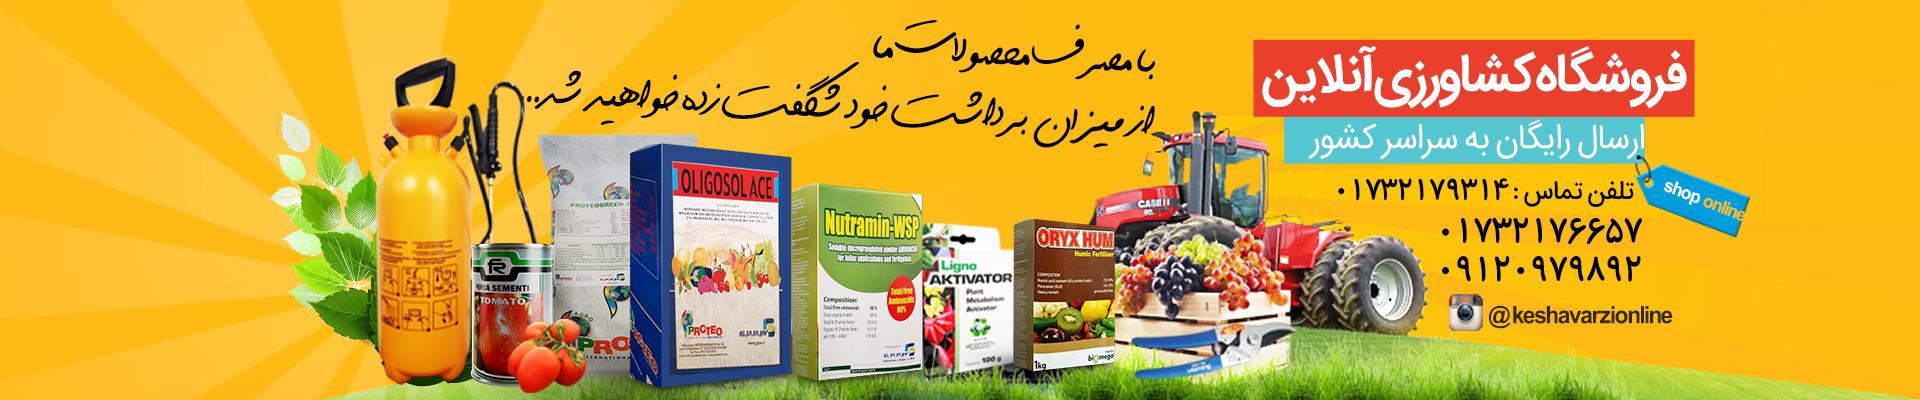 فروشگاه کشاورزی آنلاین - ارسال رایگان به سراسر کشور